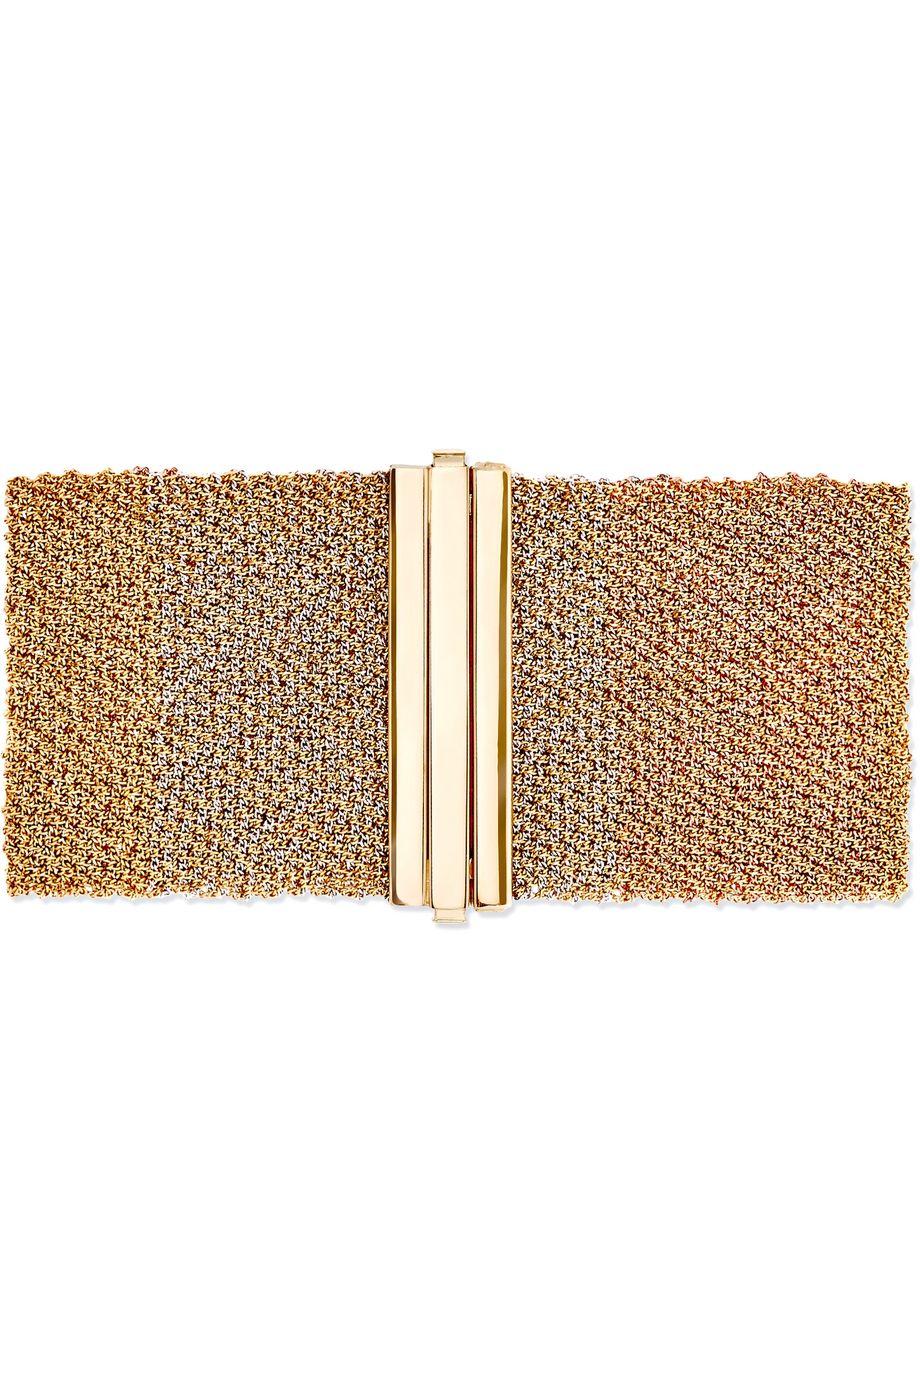 Carolina Bucci Armband aus 18 Karat Gold